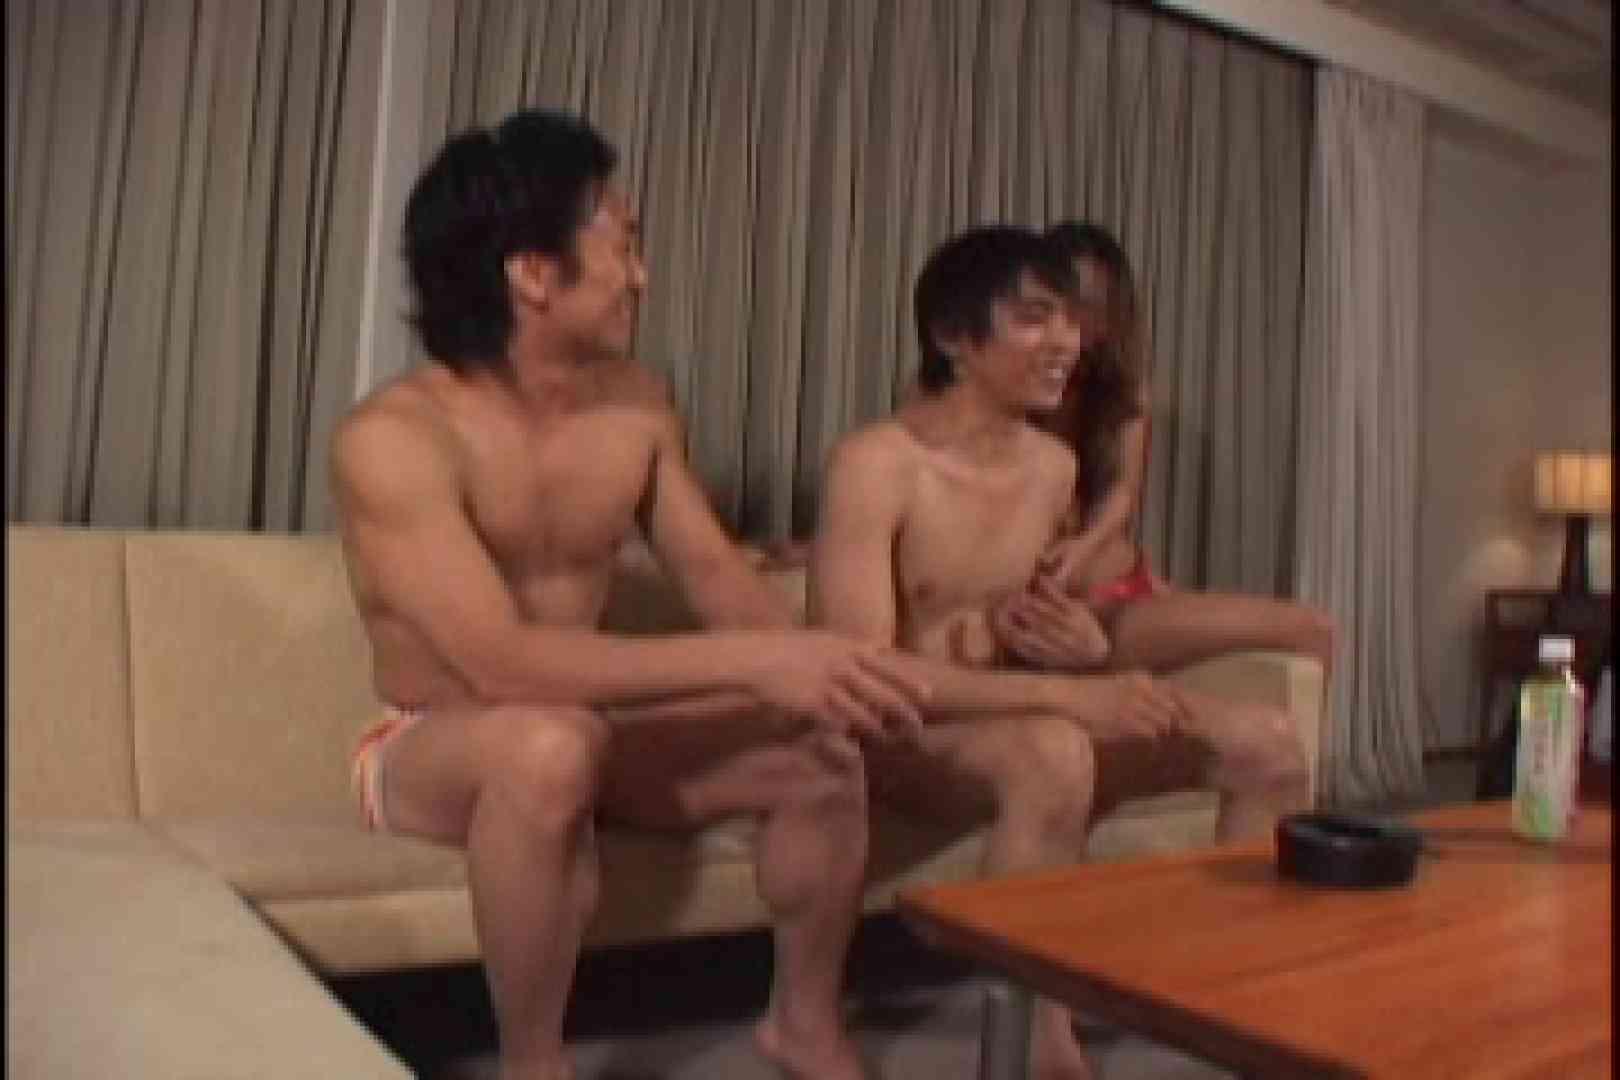 イケメンズEYE!男目線の本番vol.04 男に首ったけ ゲイ無料エロ画像 50連発 16